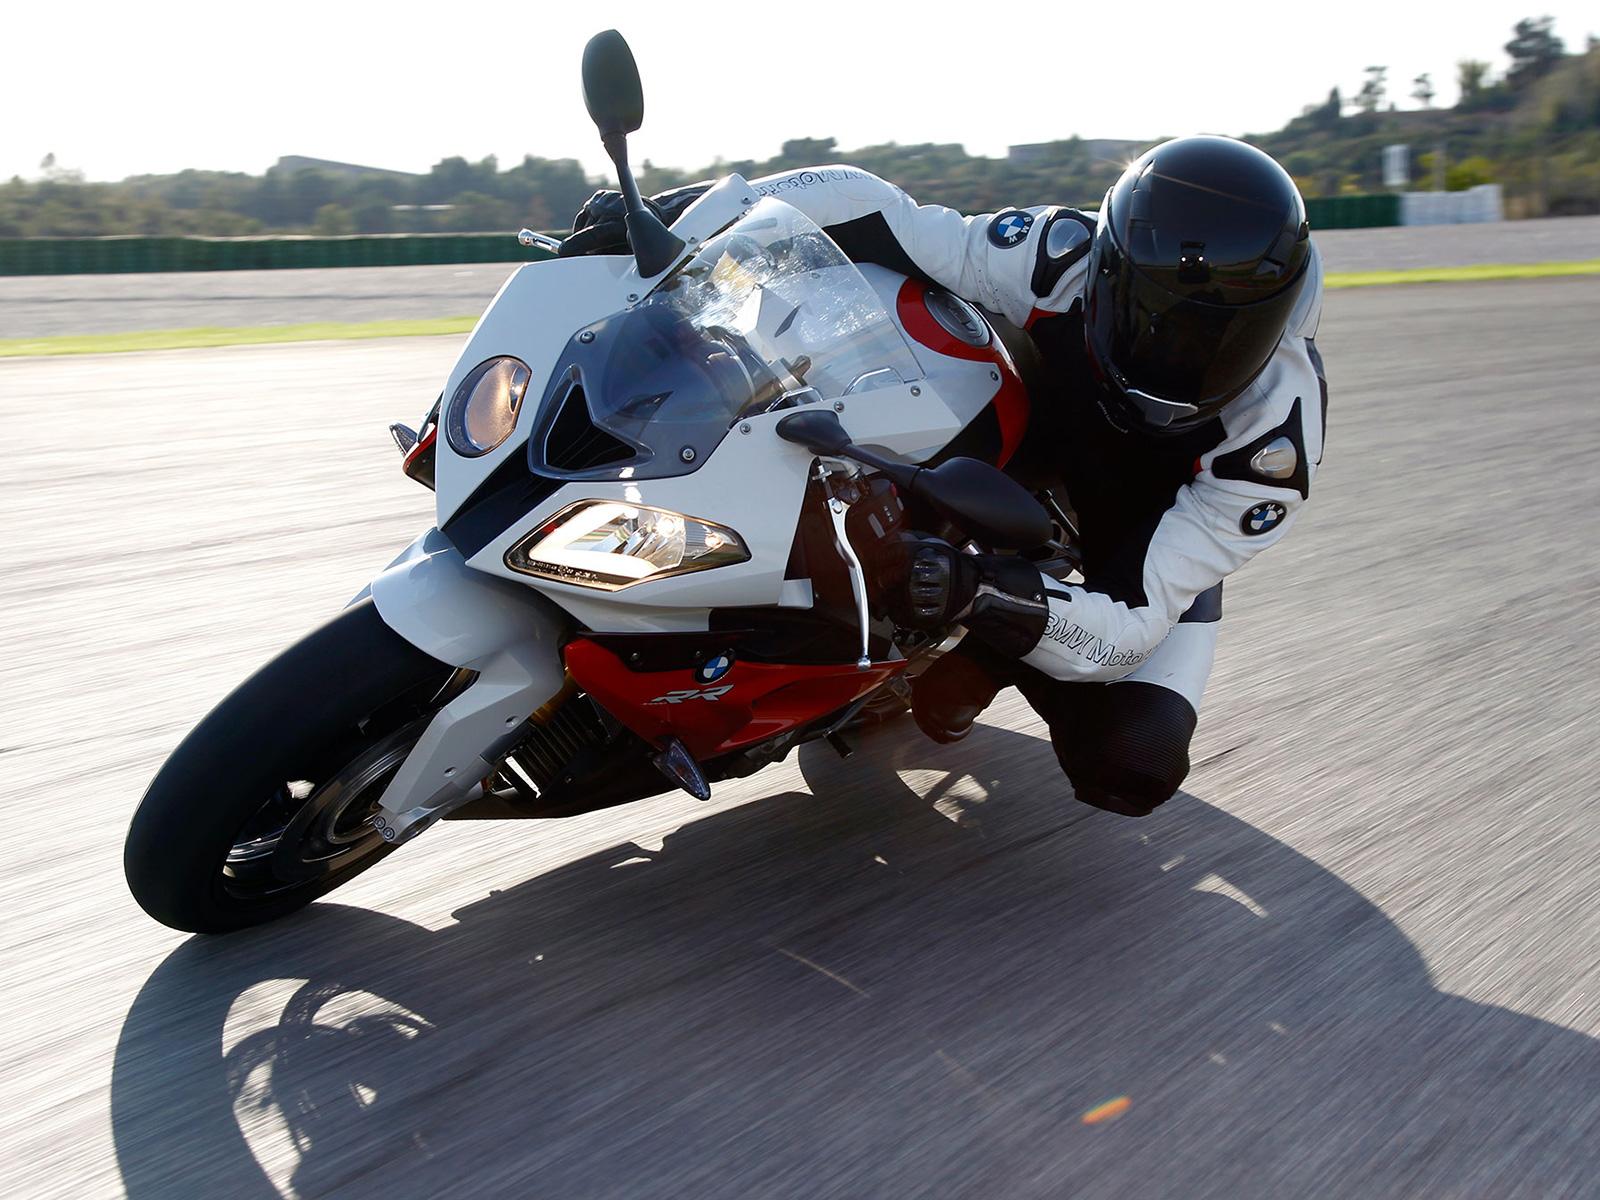 BMW S 1000 RR спортбайк S 1000 RR